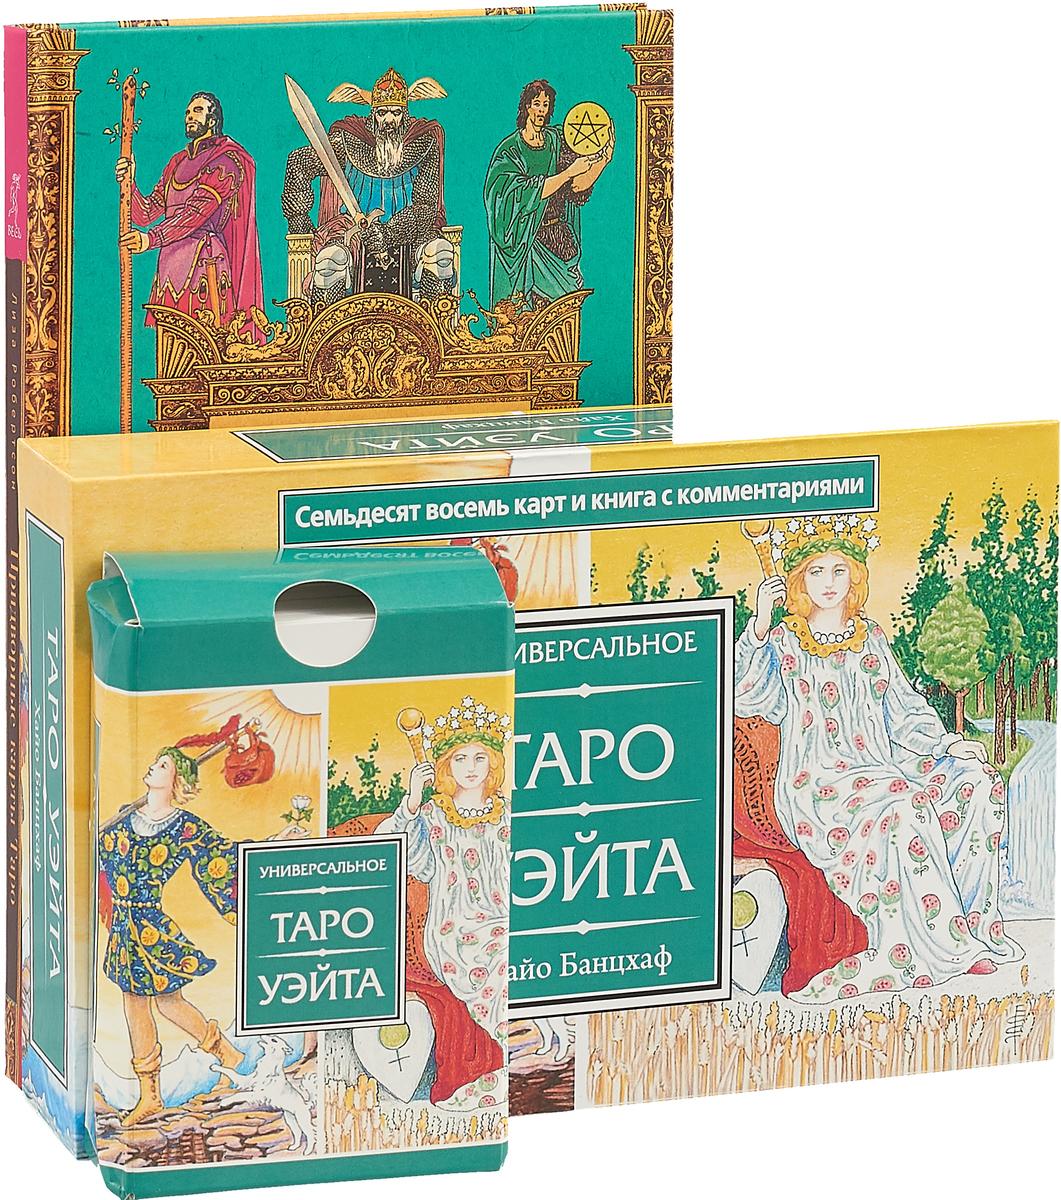 Придворные карты Таро. Универсальное Таро (комплект из 2 книг + колода из 78 карт)